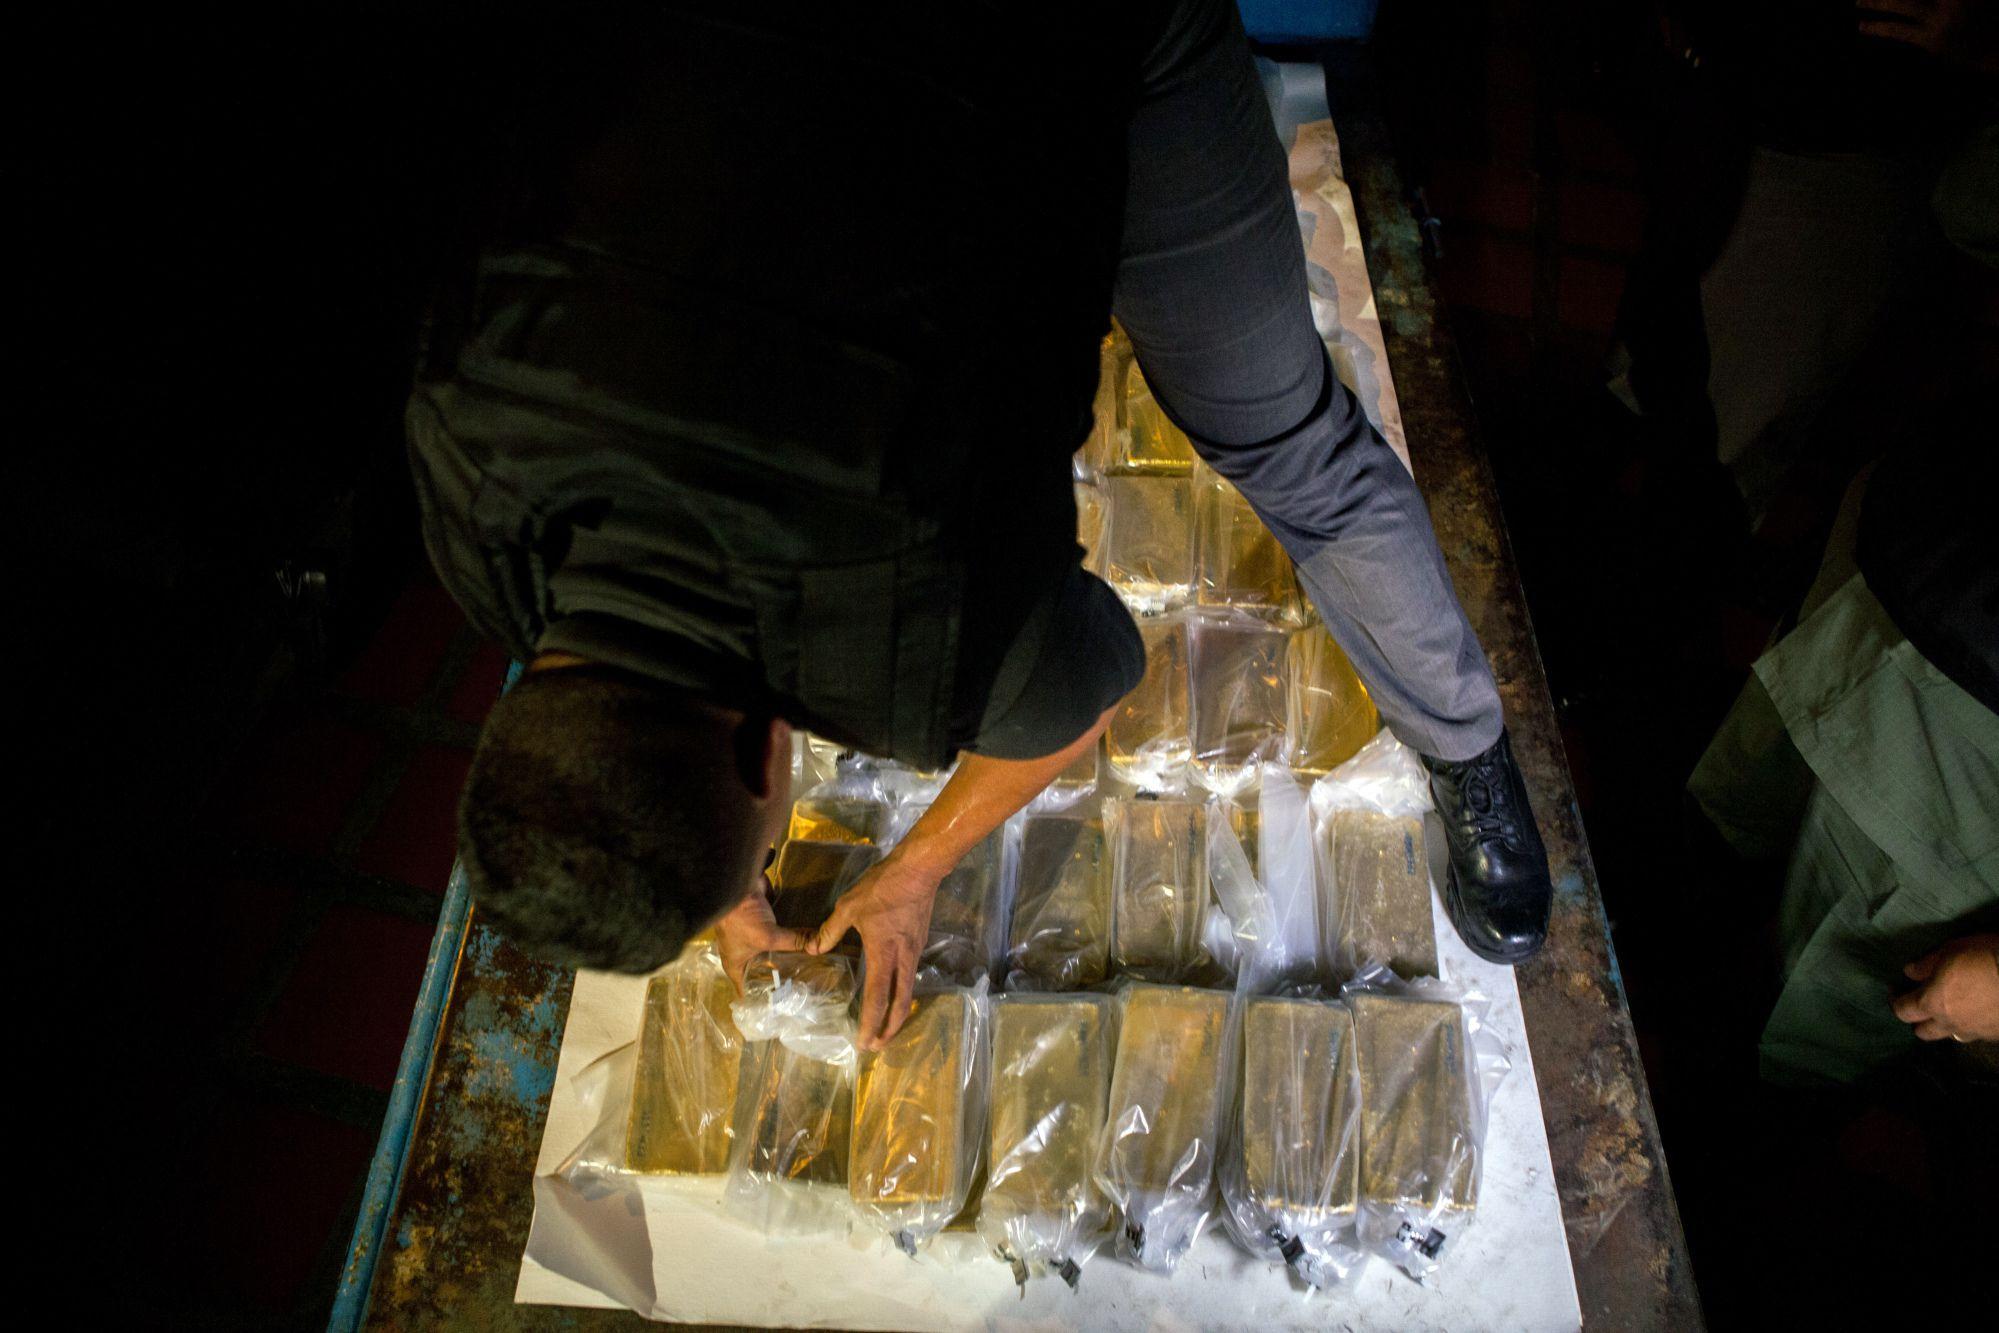 Công ty Thổ Nhĩ Kỳ bí mật chuyển 900 triệu USD vàng cho Venezuela